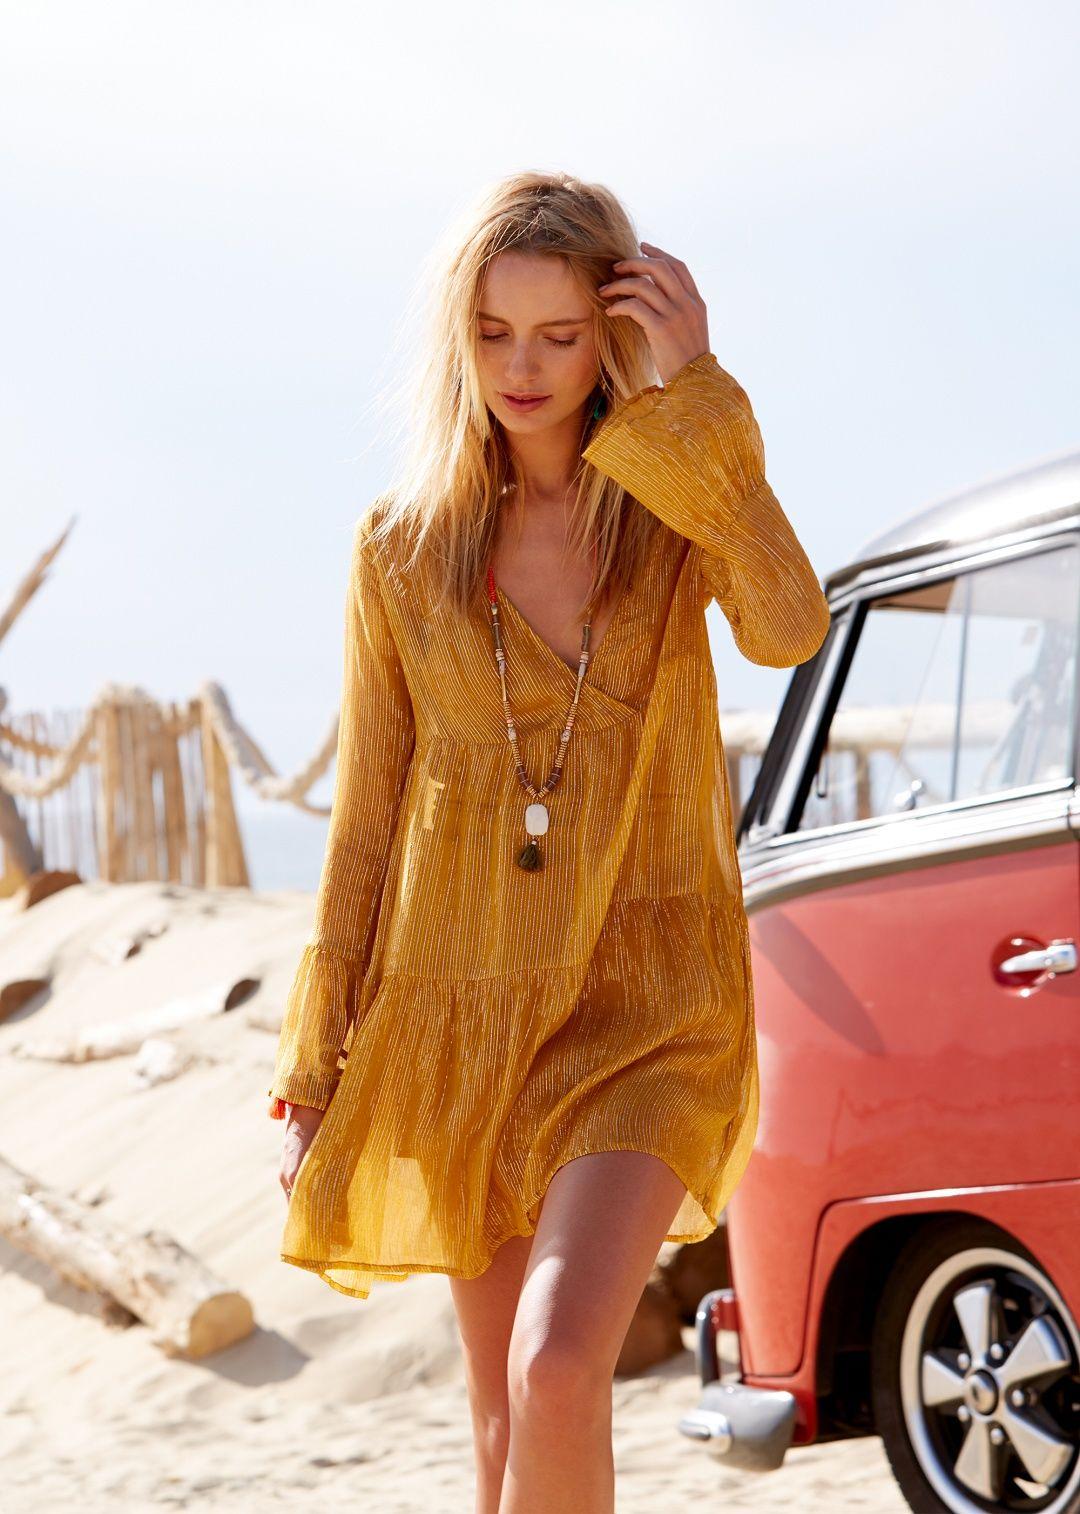 Sézane - Endless summer Robe Mathilde www.sezane.com  sezane  summer   summeriscoming  endlesssummer 14872e306ce7